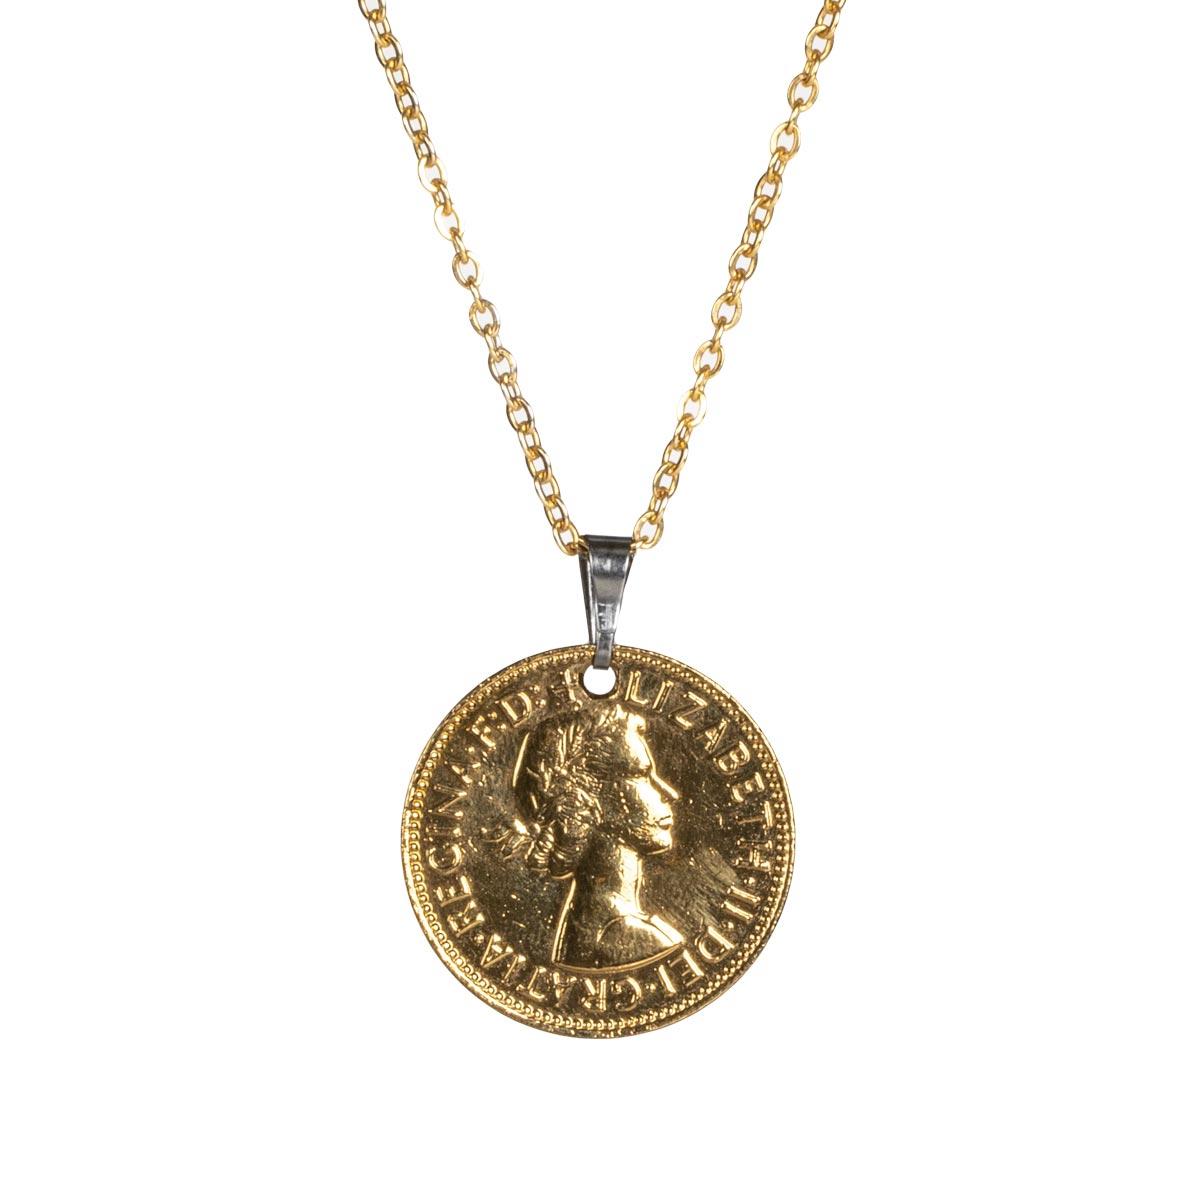 Elite Luxury Half Penny Pendant